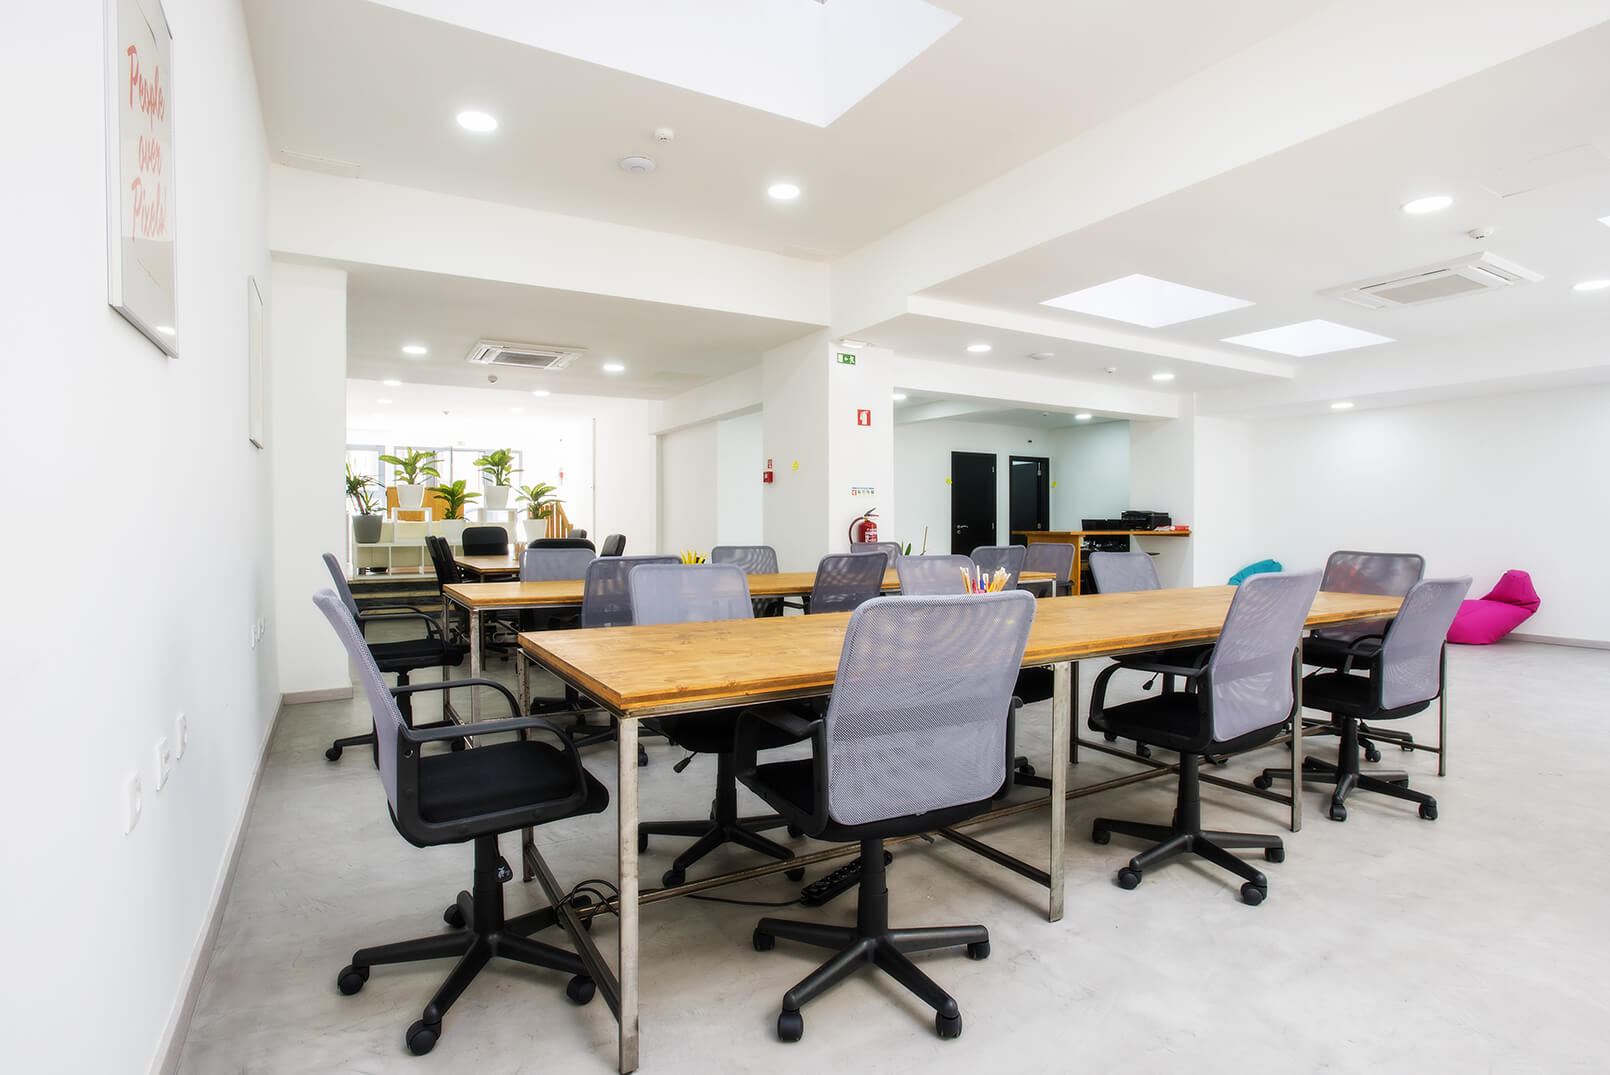 workspace area